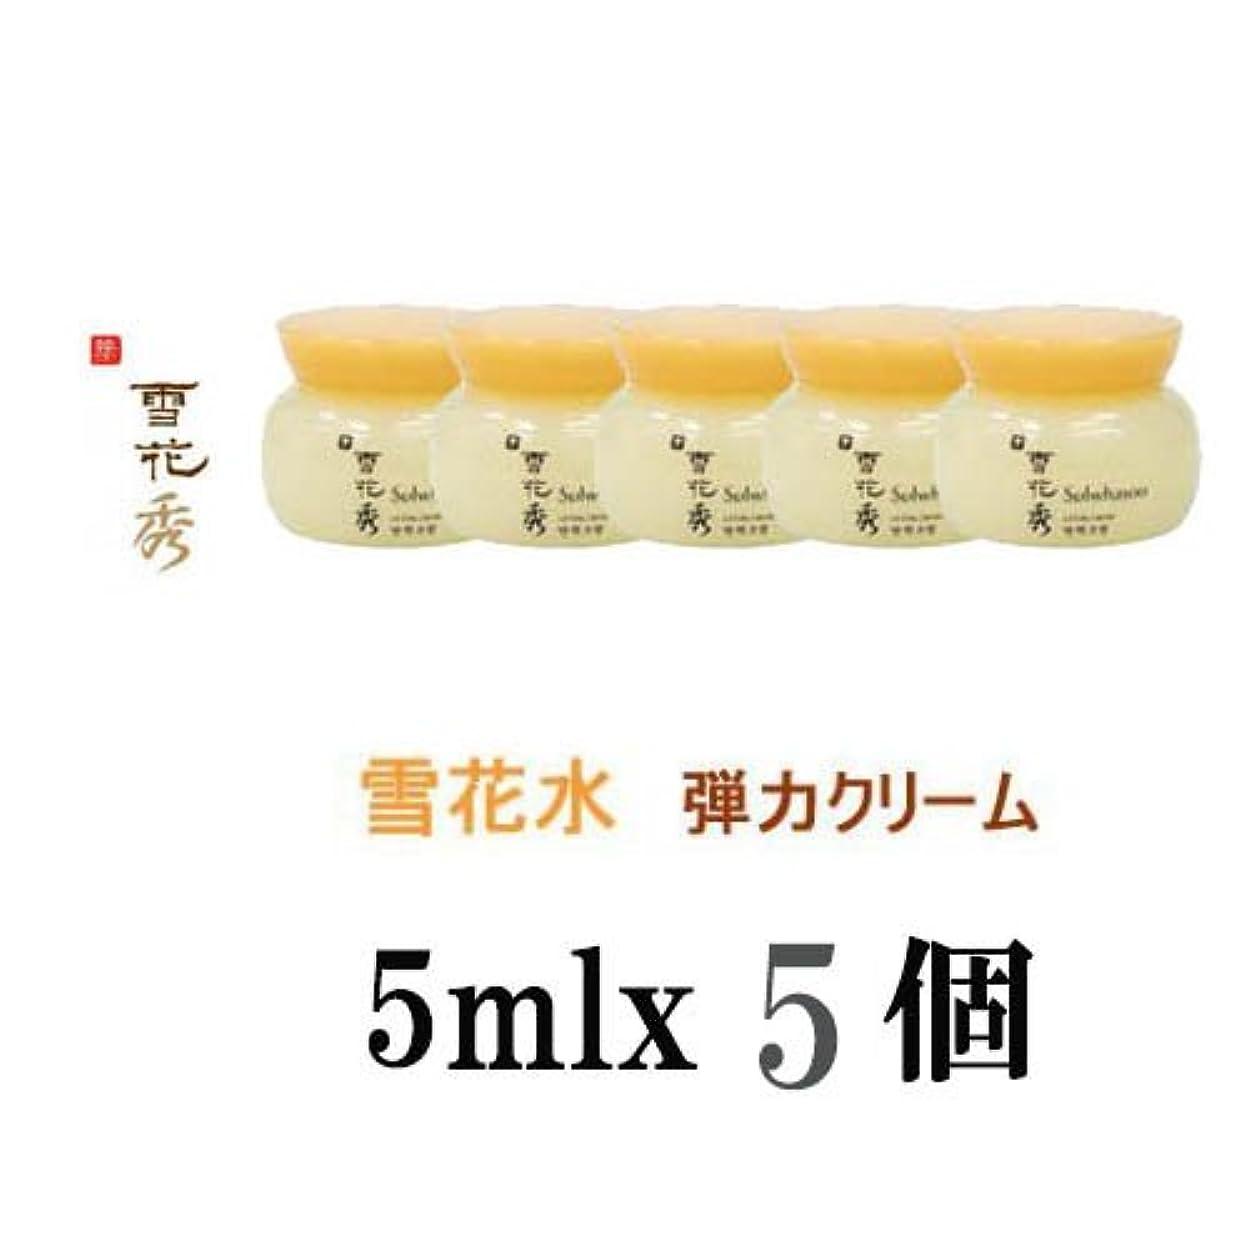 トレーニング石化するロバ雪花秀/ソルファス 弾力クリーム潤い/乾燥肌/漢方コスメ//5mlx5個